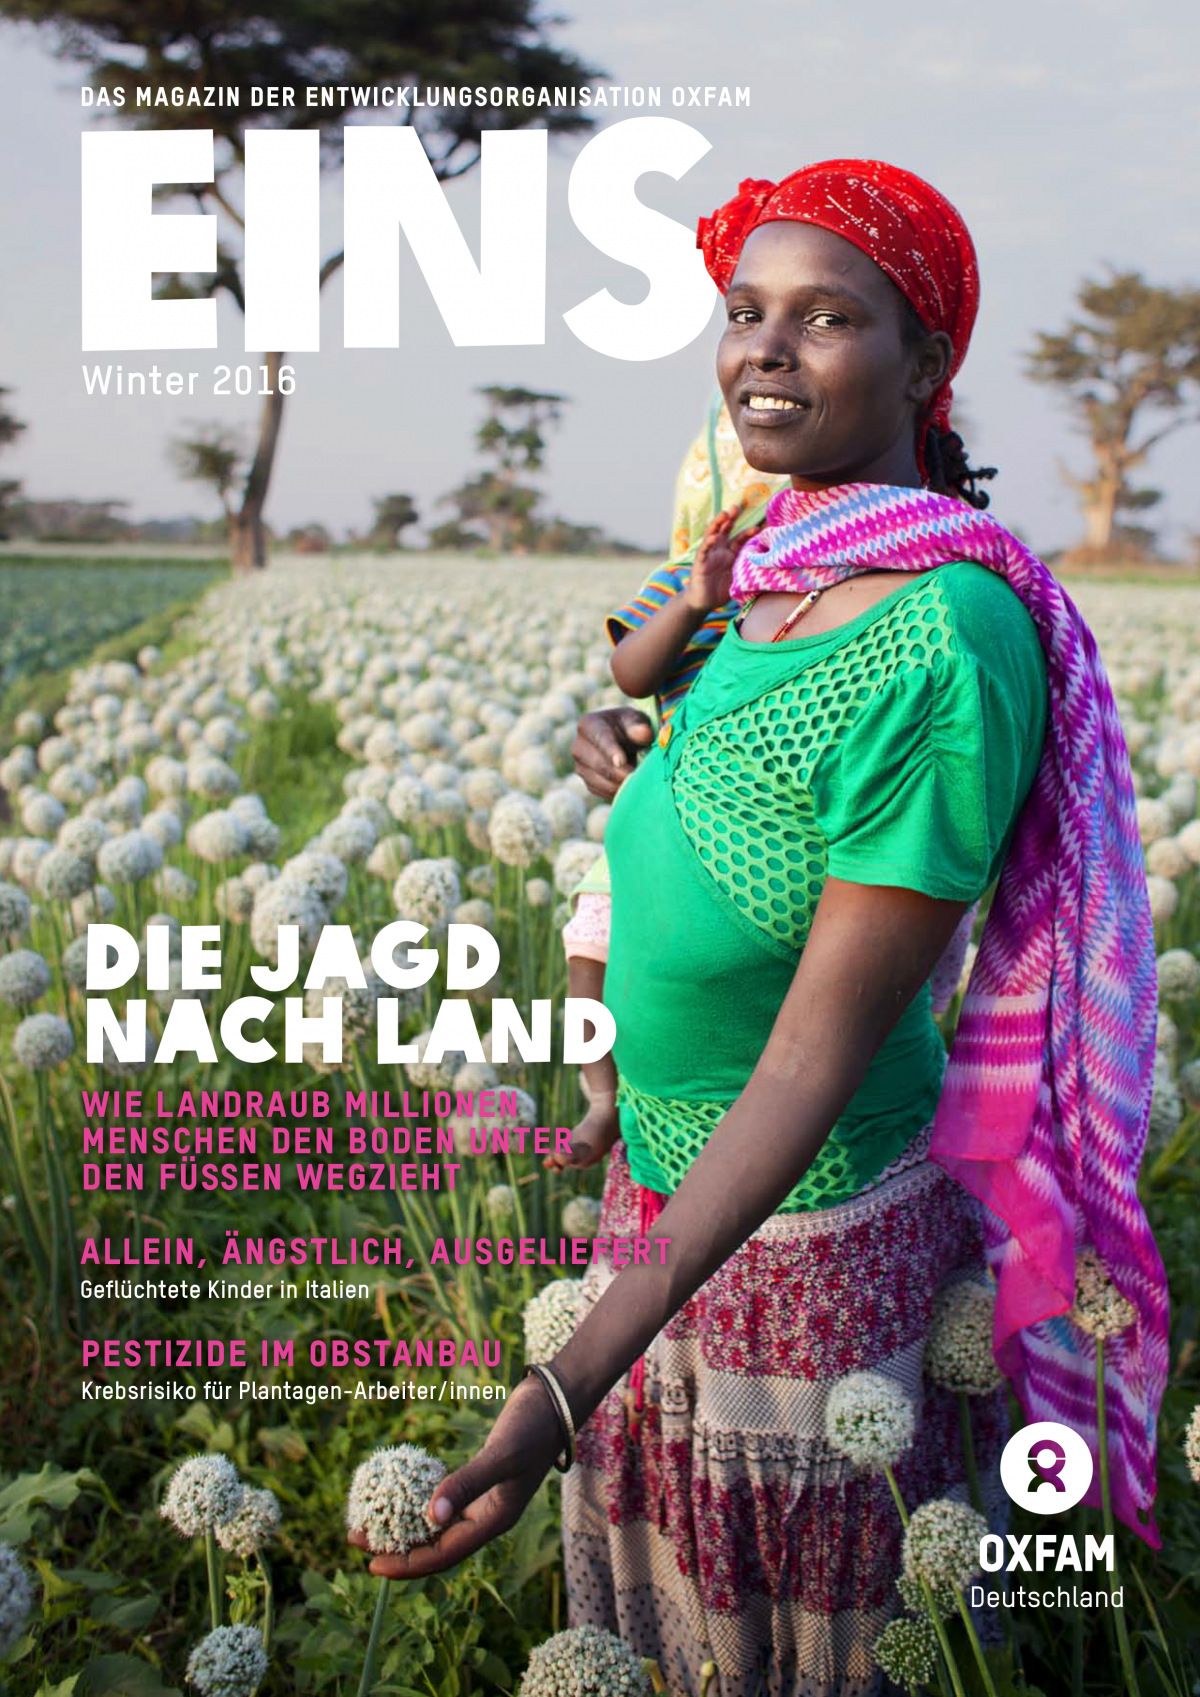 Titelbild vom Oxfam-Magazin EINS (Winter 2016)